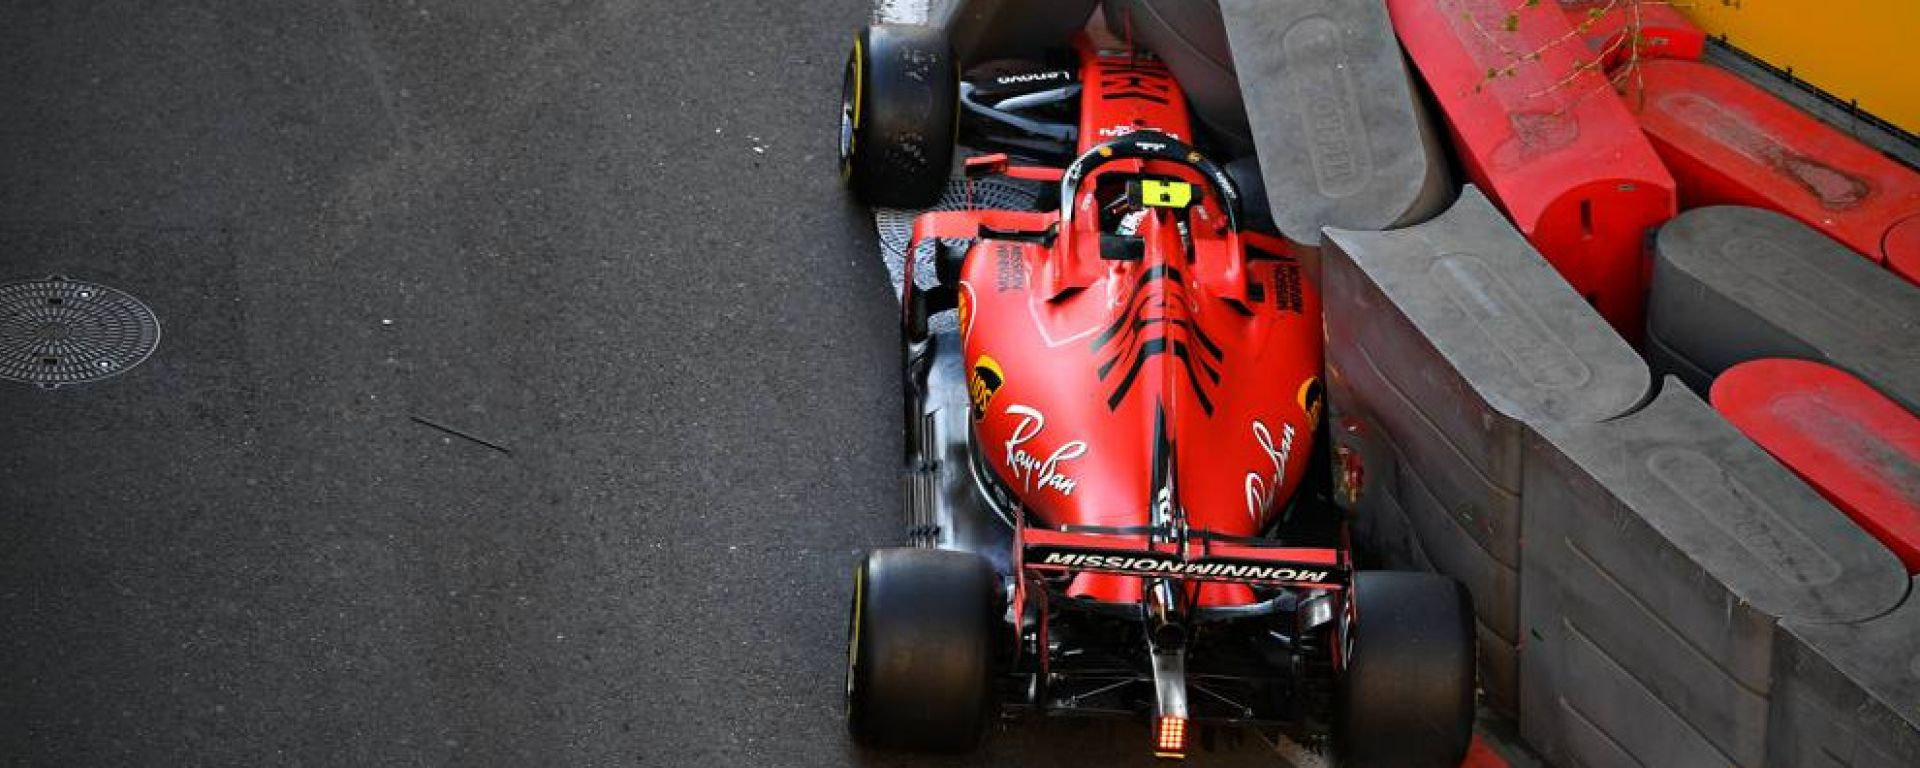 F1, GP Azerbaijan 2019: la Ferrari di Charles Leclerc contro le barriere del circuito di Baku